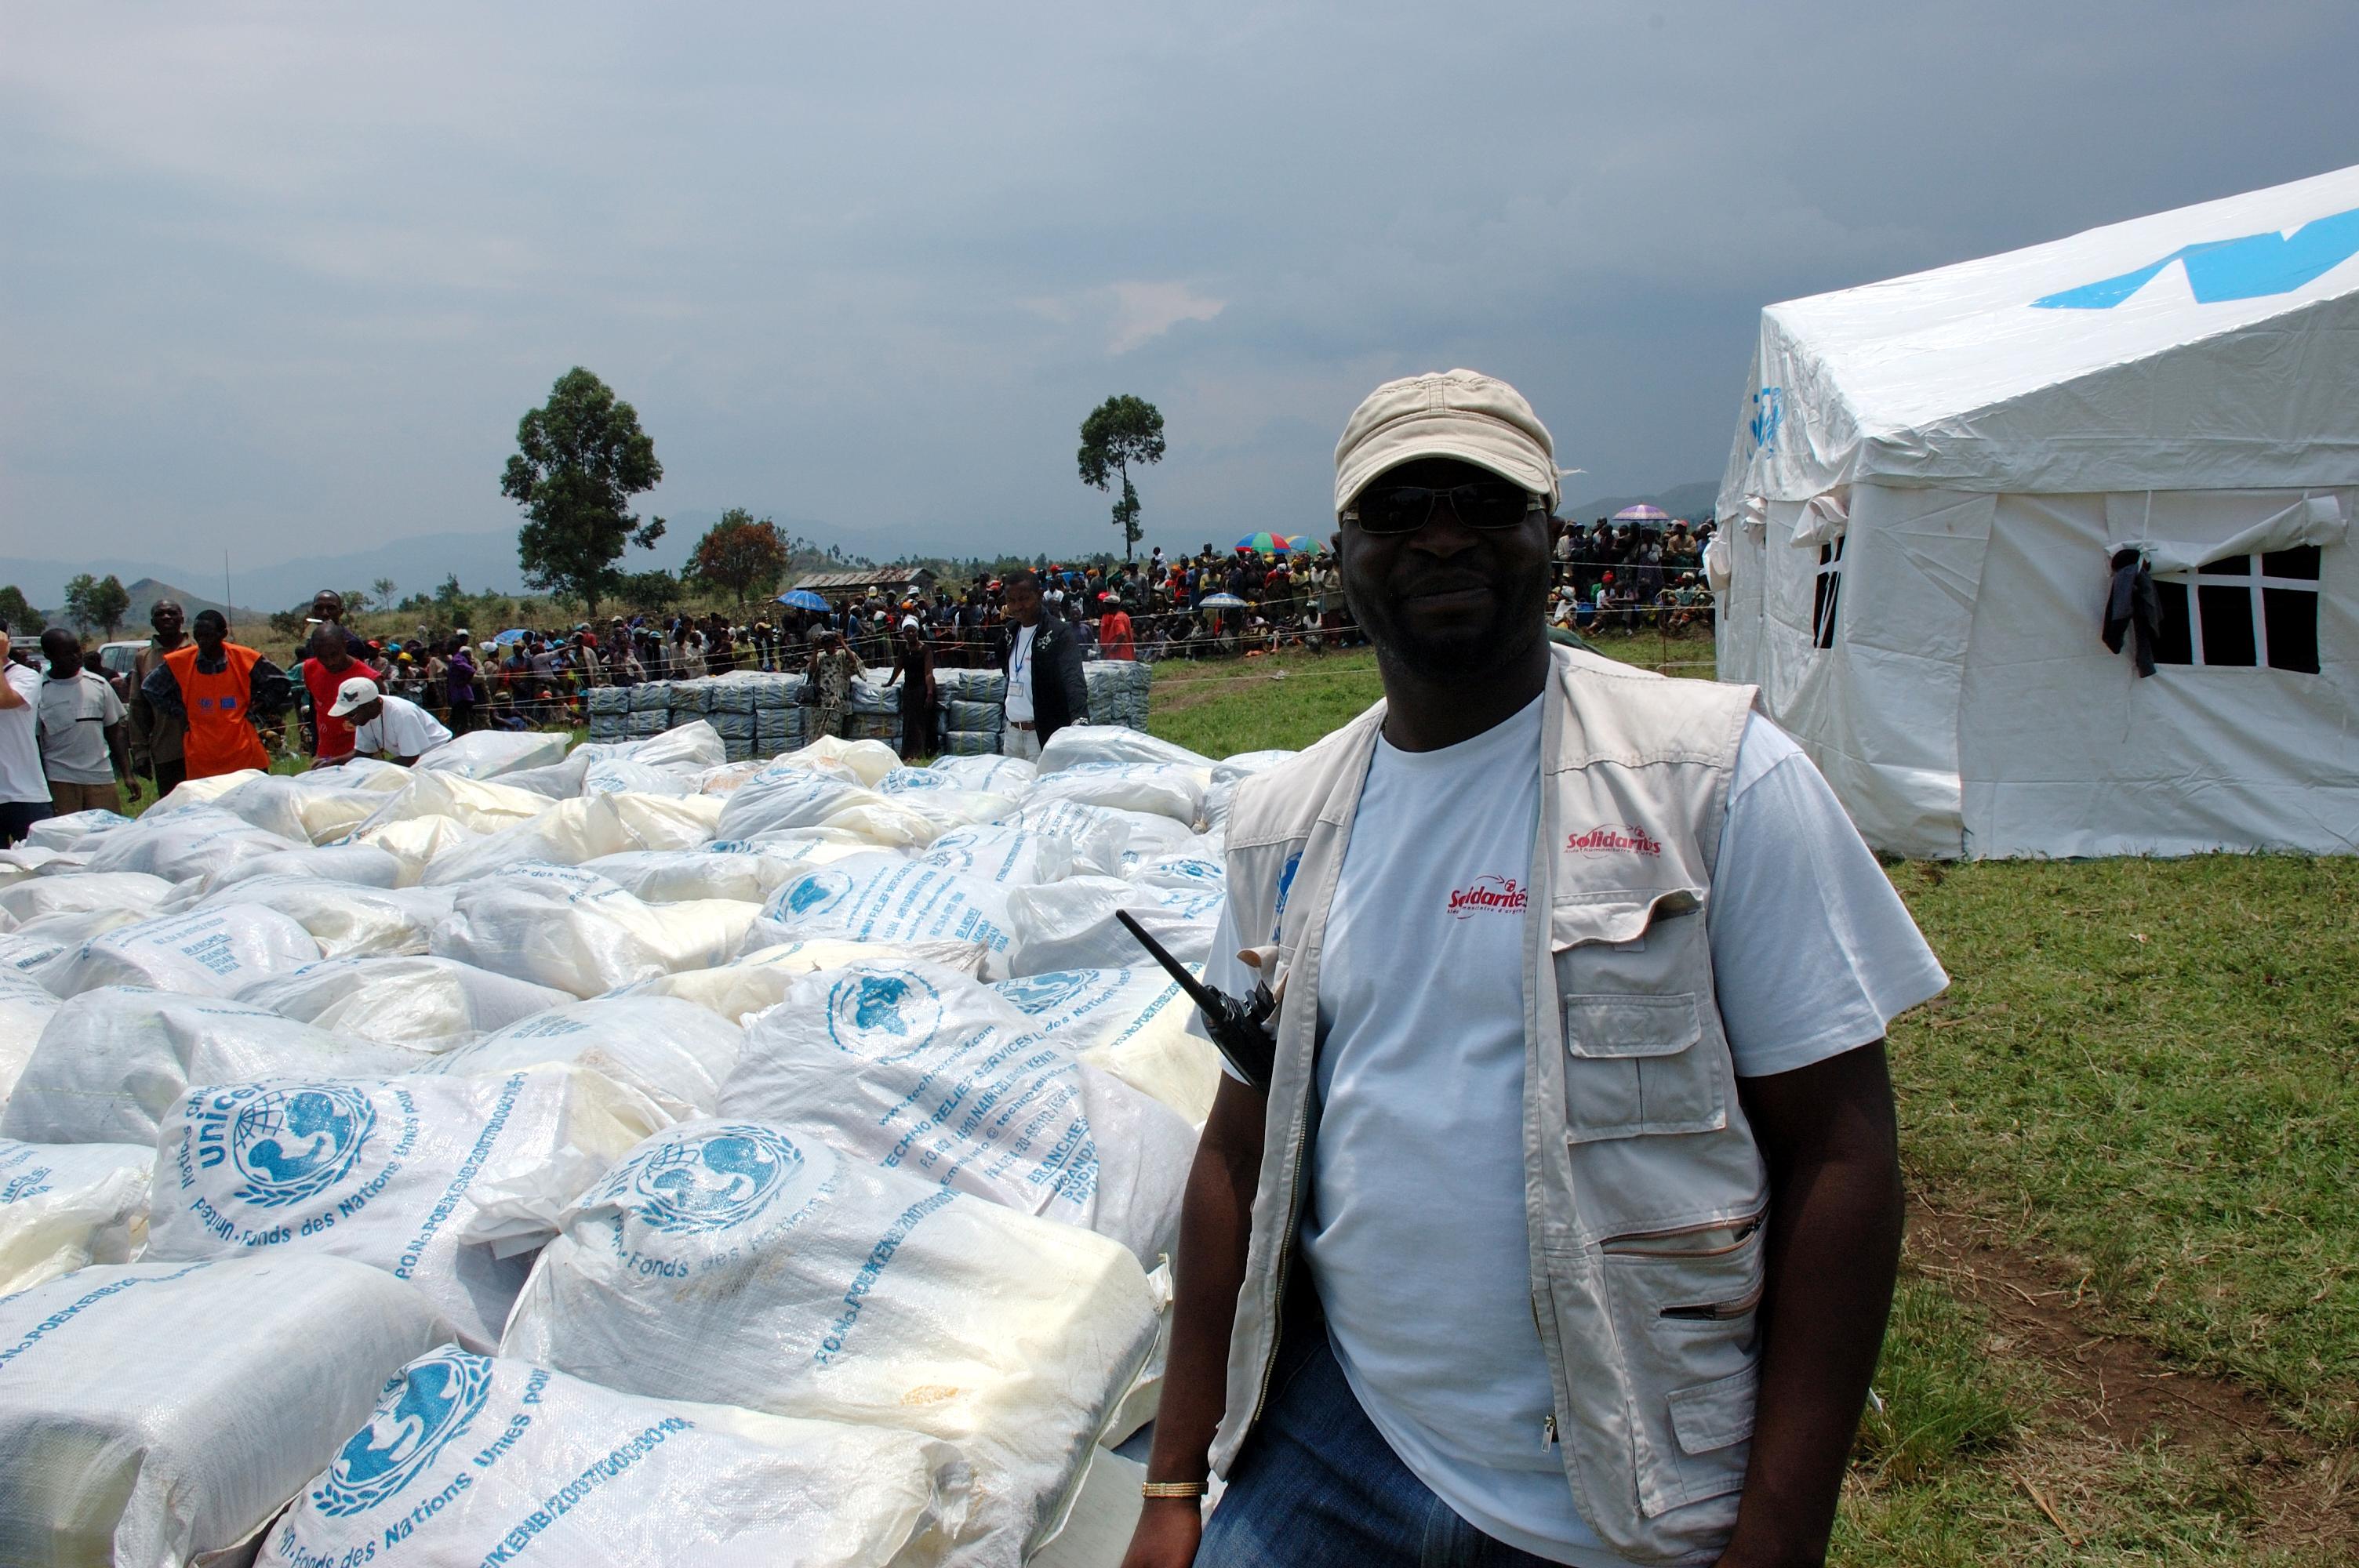 Nothilfeversorgung durch UNICEF und lokale Partner für Geflüchtete in der Demokratischen Republik Kongo